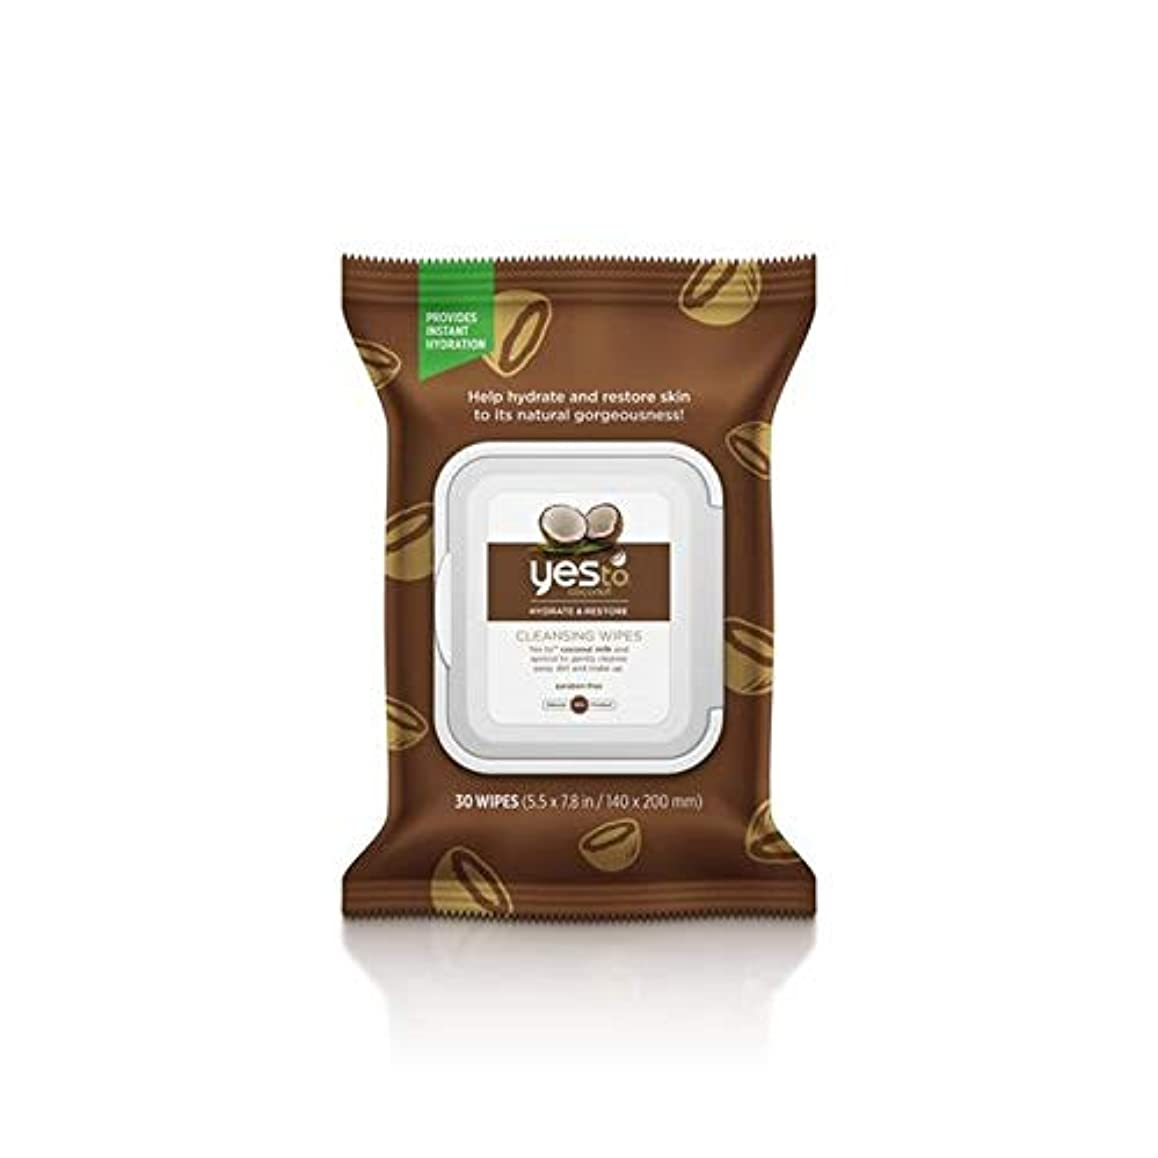 印象毛布引き金[YES TO! ] はいココナッツクレンジング顔にパックあたり25ワイプ - Yes To Coconut Cleansing Face Wipes 25 per pack [並行輸入品]